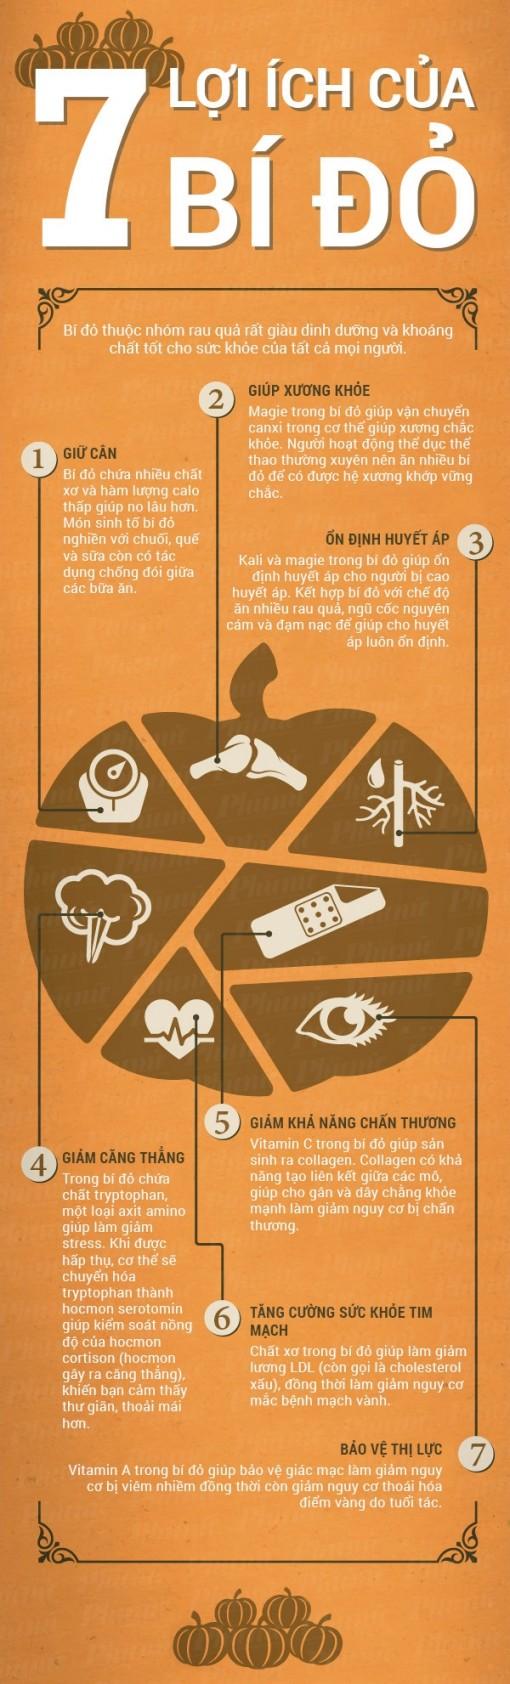 Ăn bí đỏ có tác dụng gì?